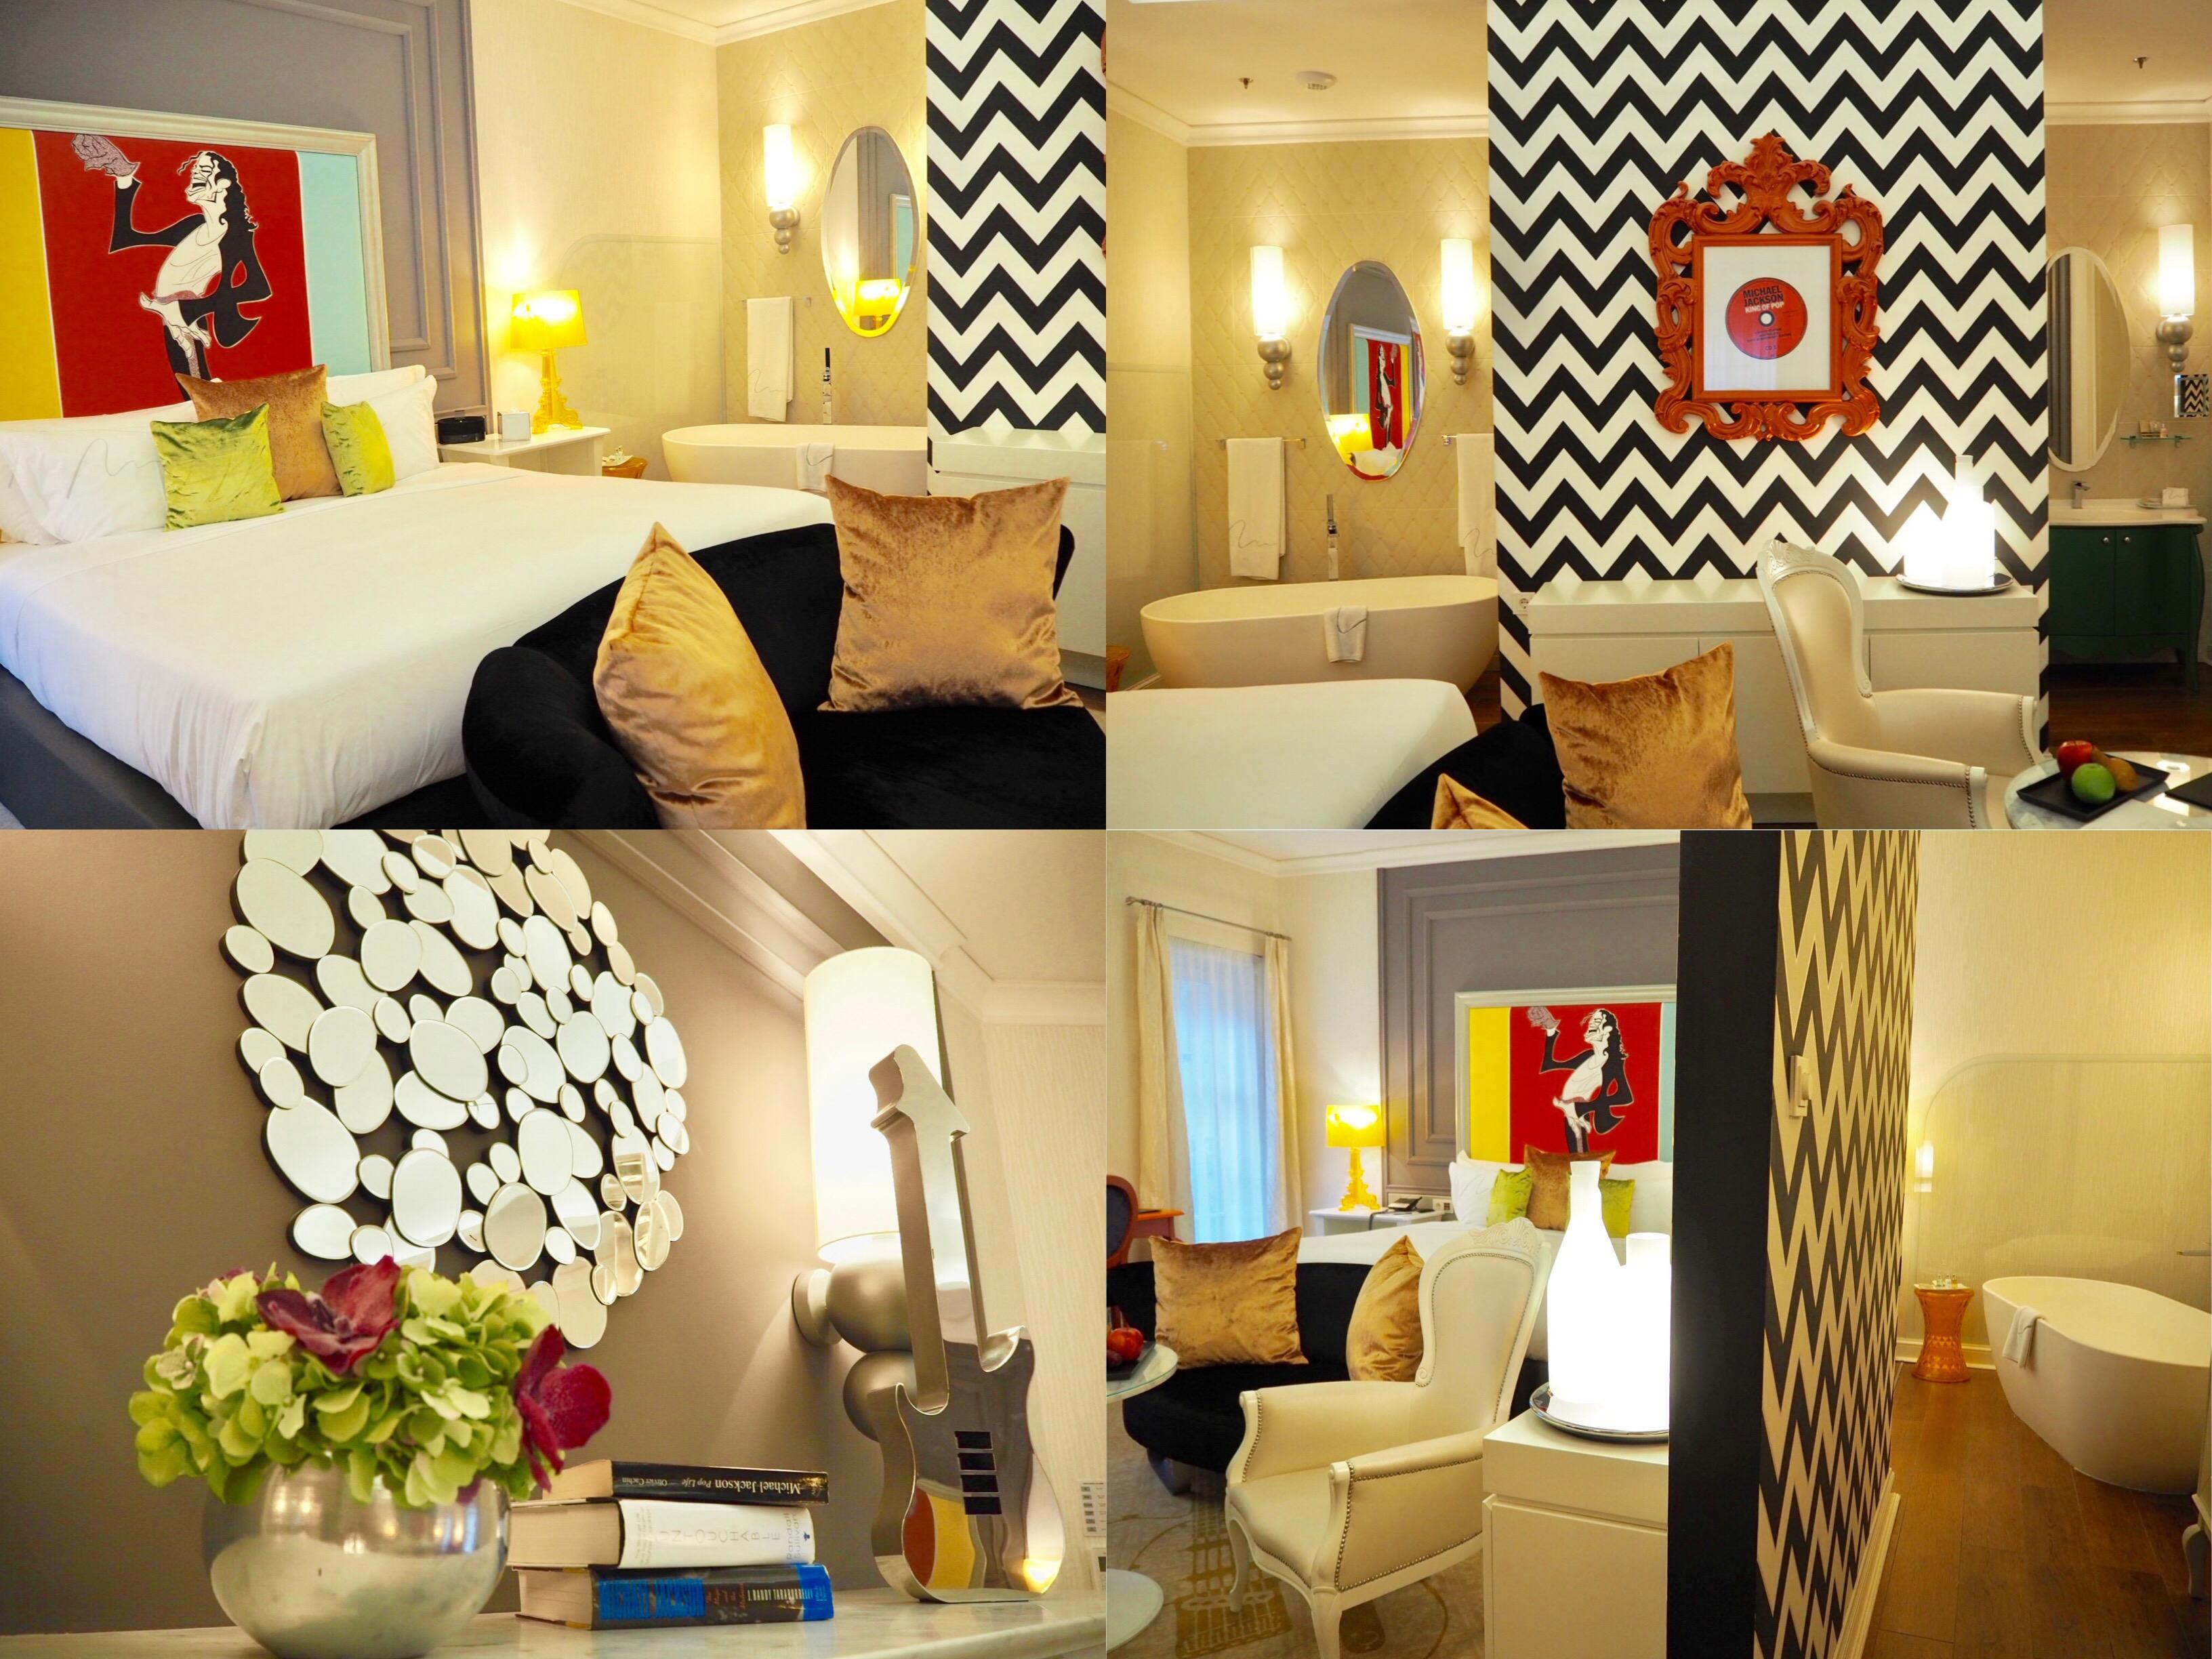 img 4806 - Aria Hotel Budapest - 音楽に囲まれて過ごすブダペストのラグジュアリーブティックホテルの魅力